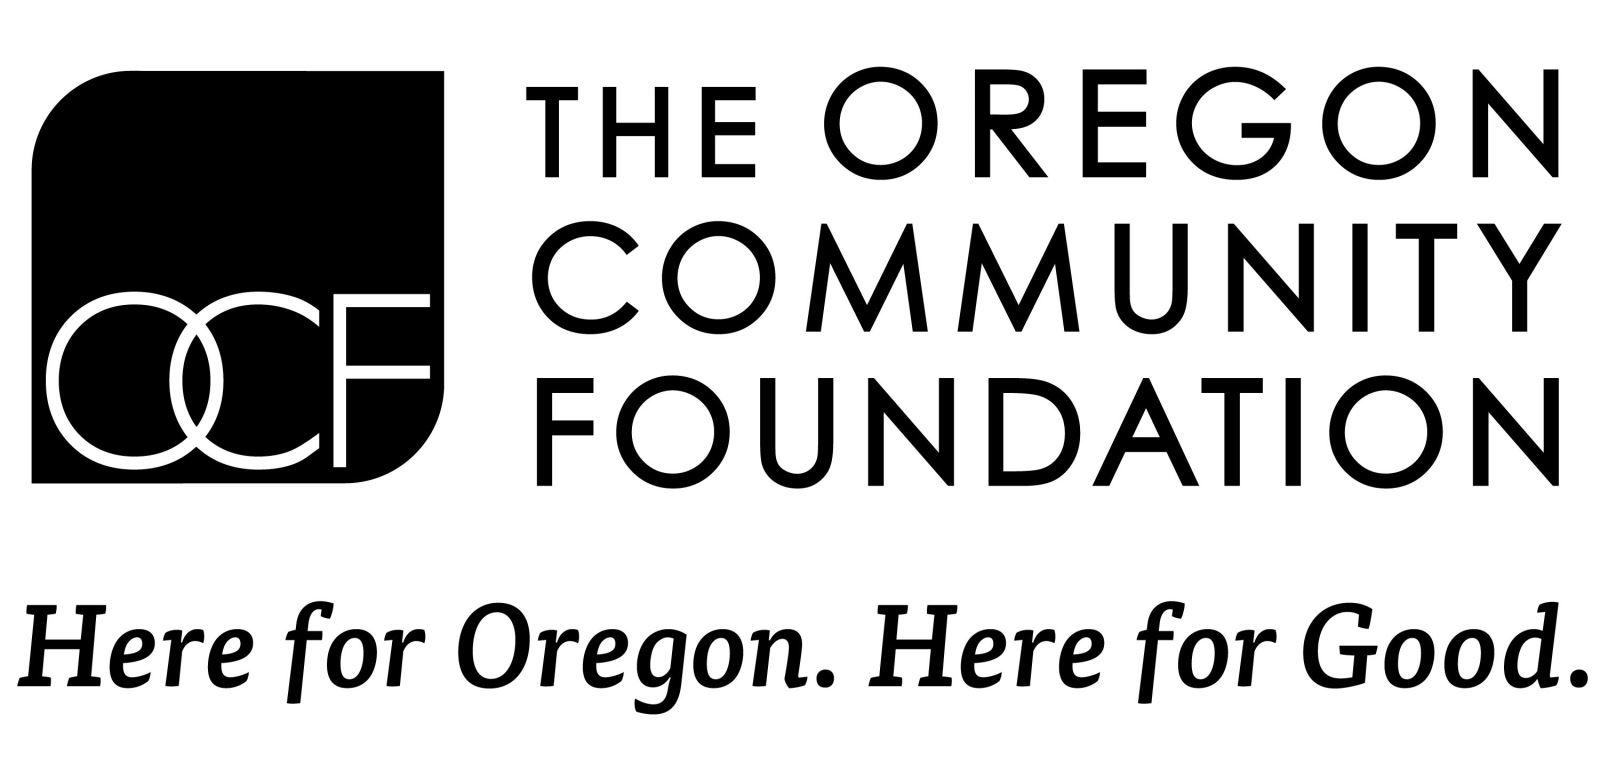 OCF-logo-in-black-with-tagline-lg.jpg